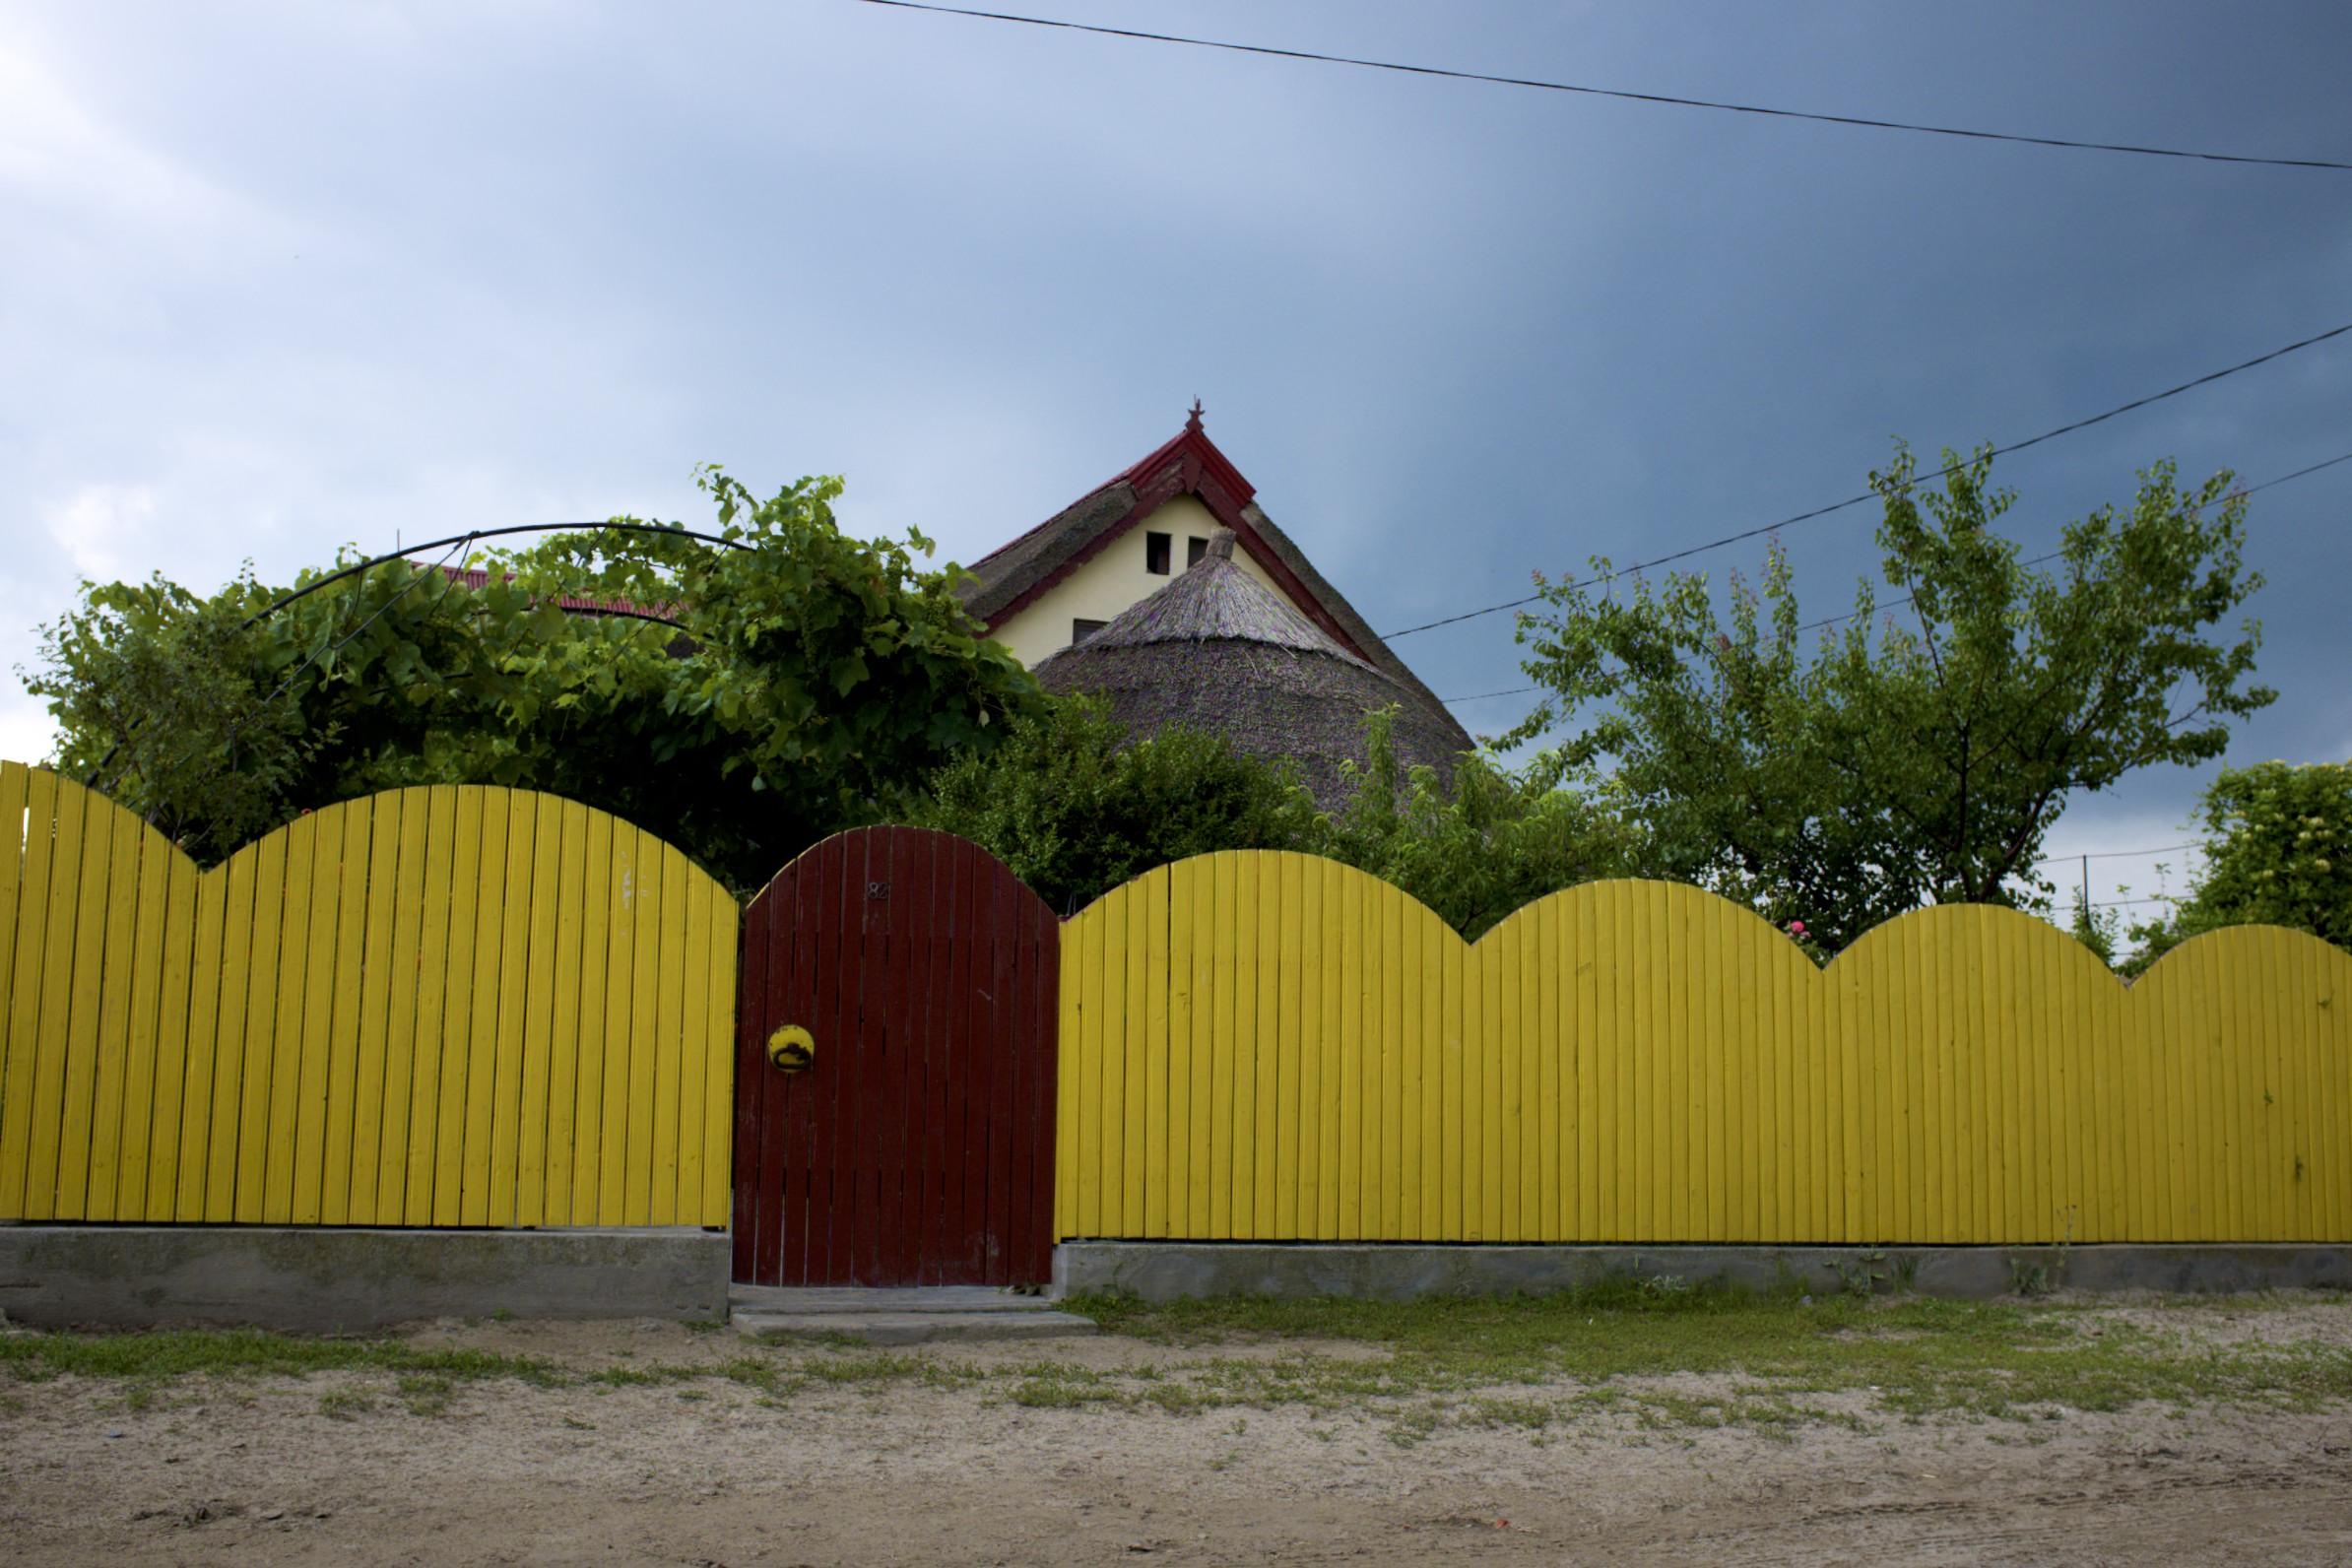 ©foto http://www.flickr.com/photos/nca-ncu/sets/72157635002809132/